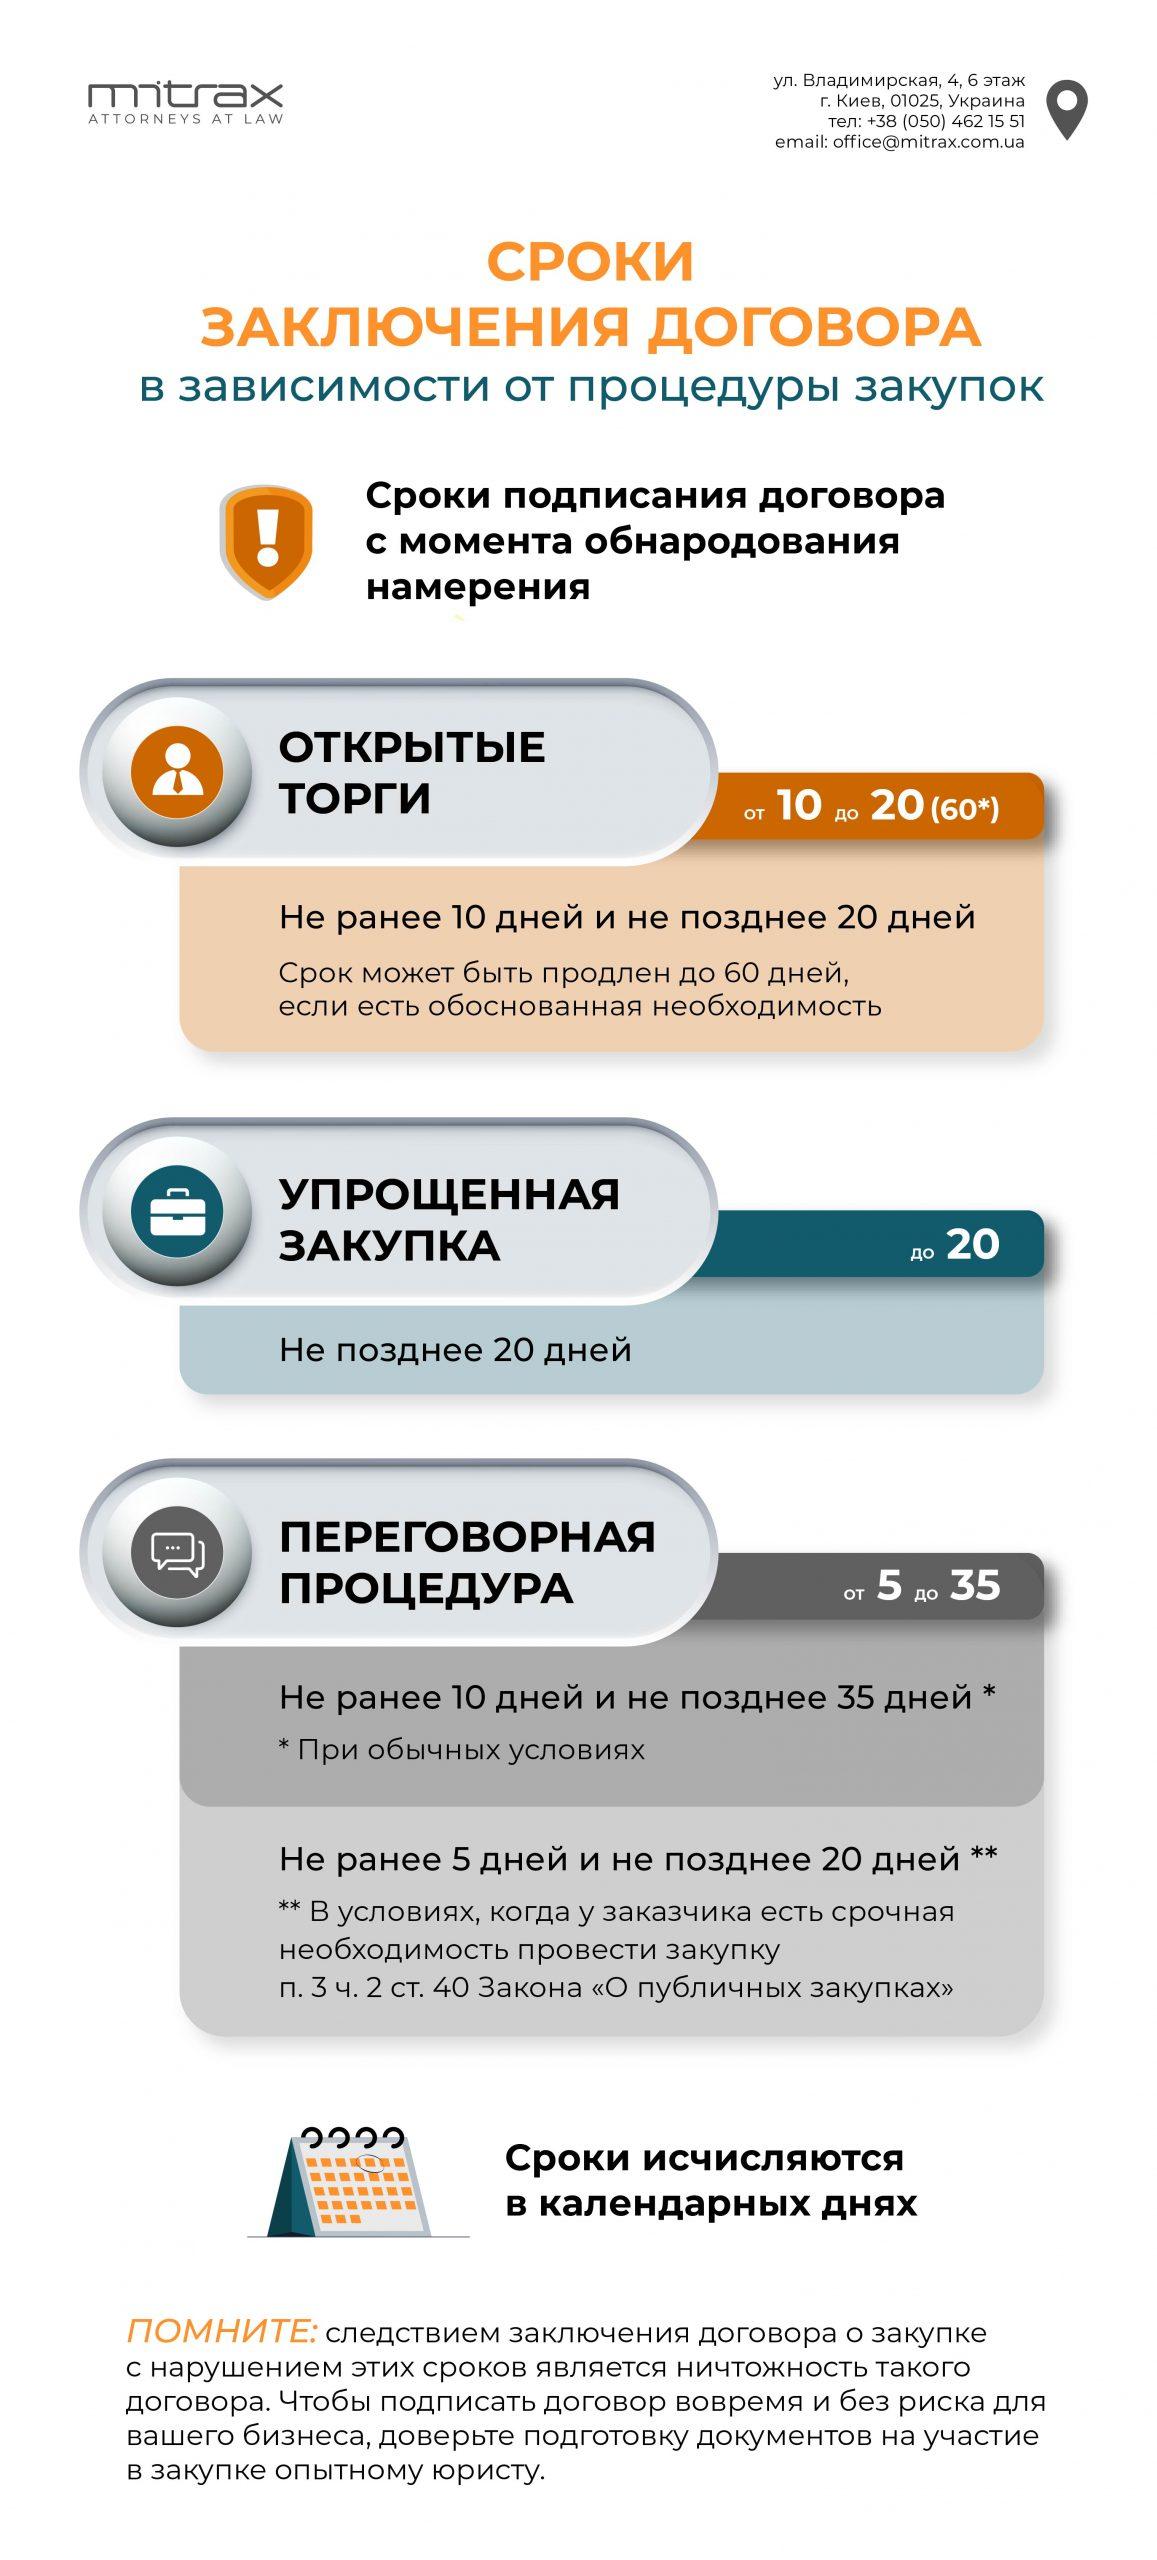 сроки заключения договора в зависимости от процедуры закупок